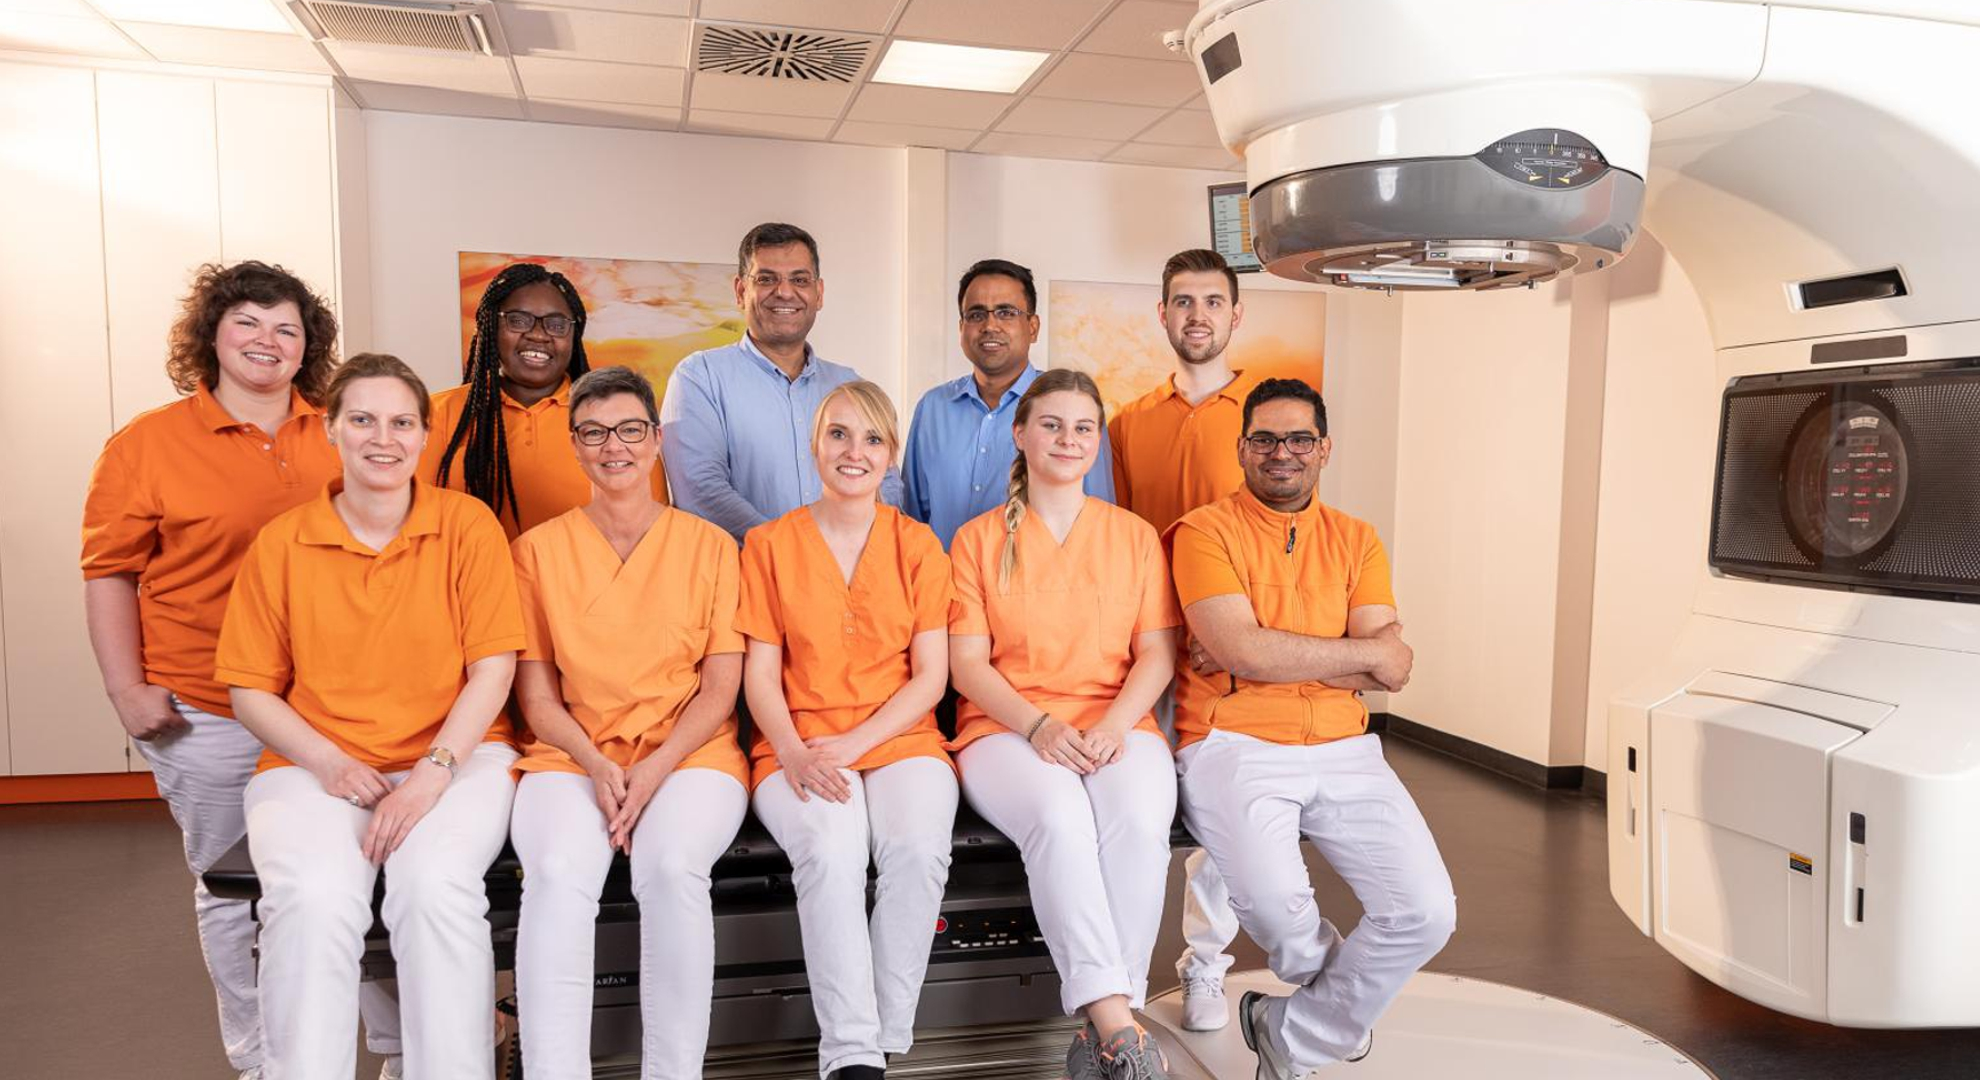 Team Strahlentherapie Tauber-Franken